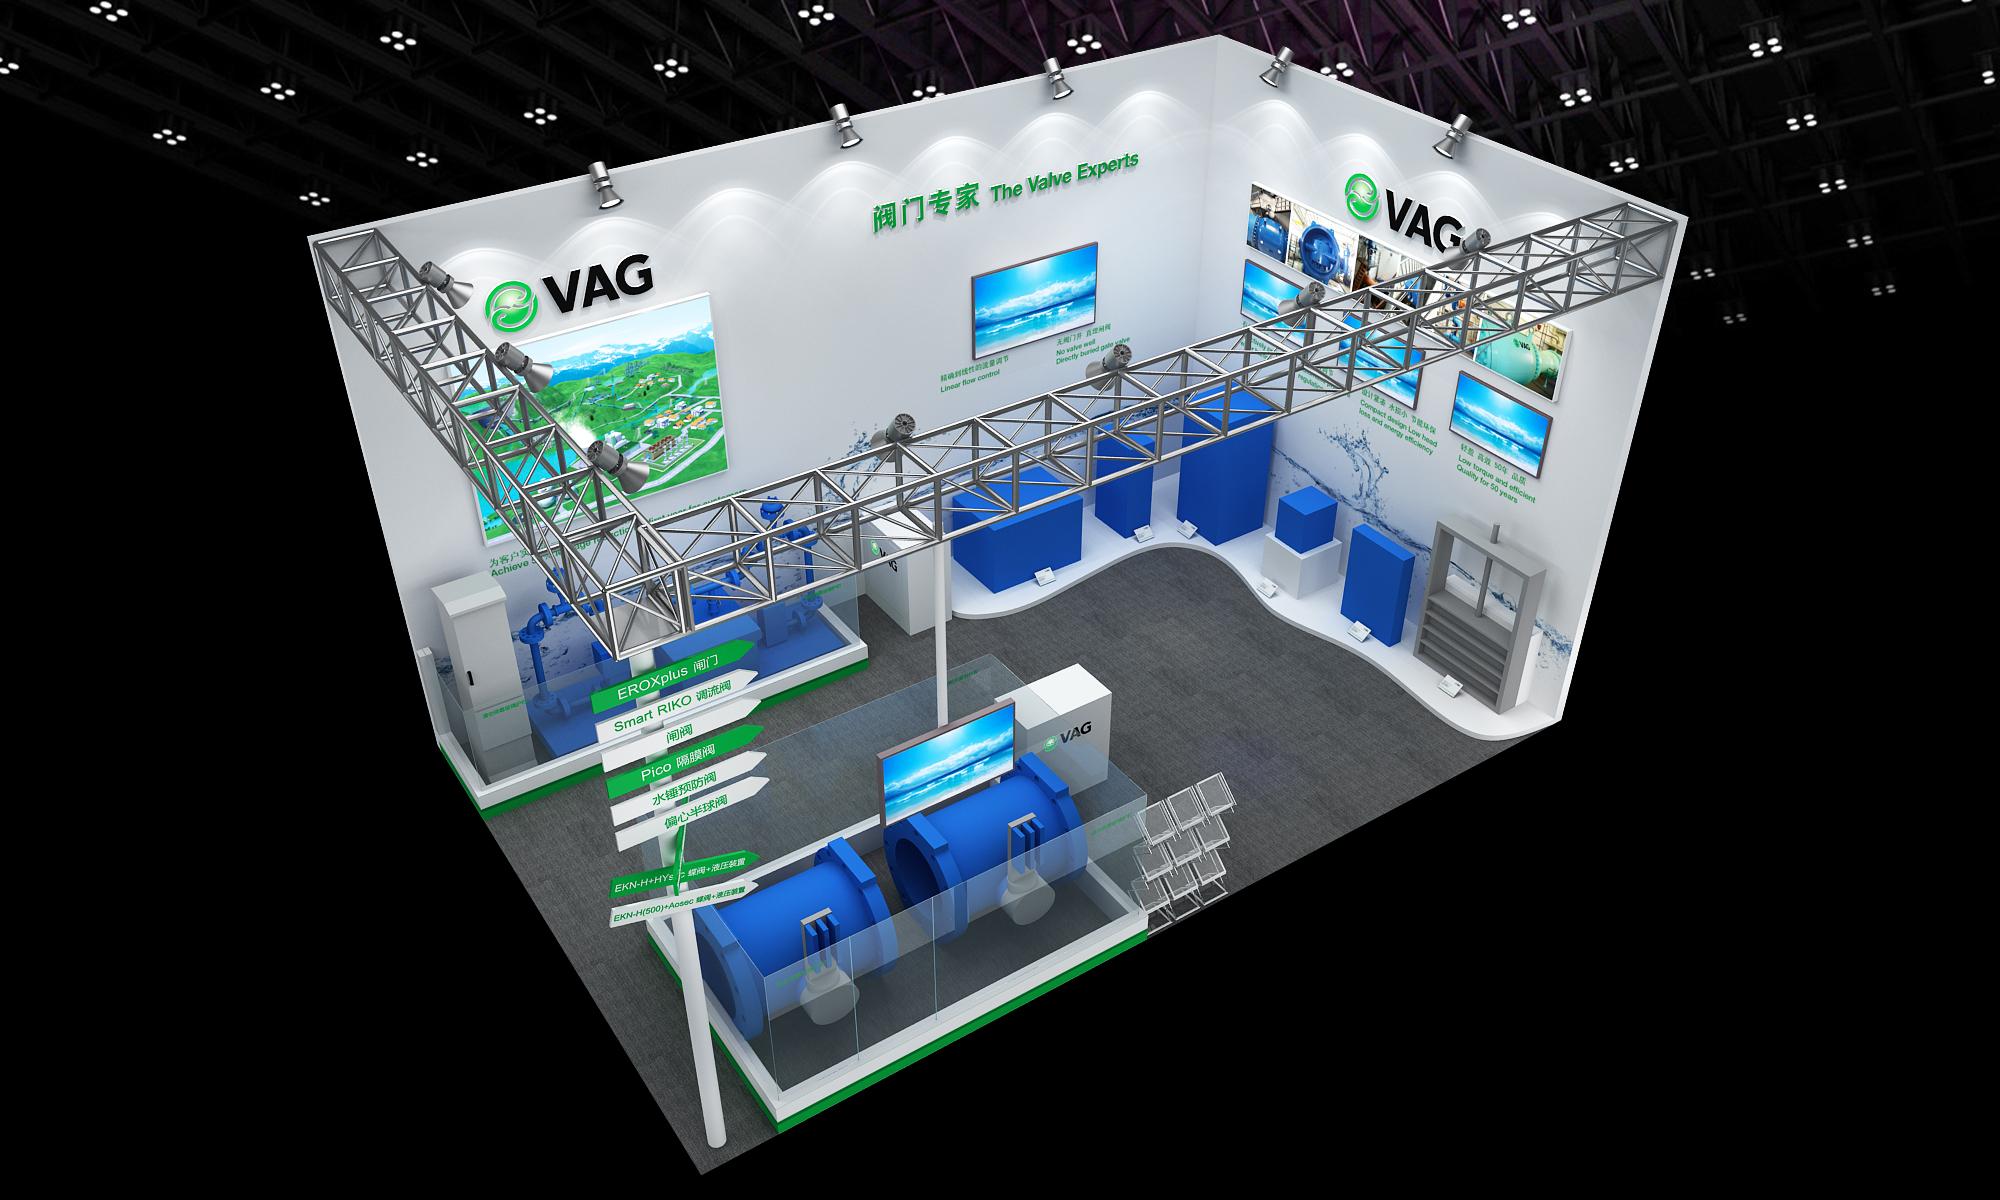 VAG展台设计案例的鸟瞰图